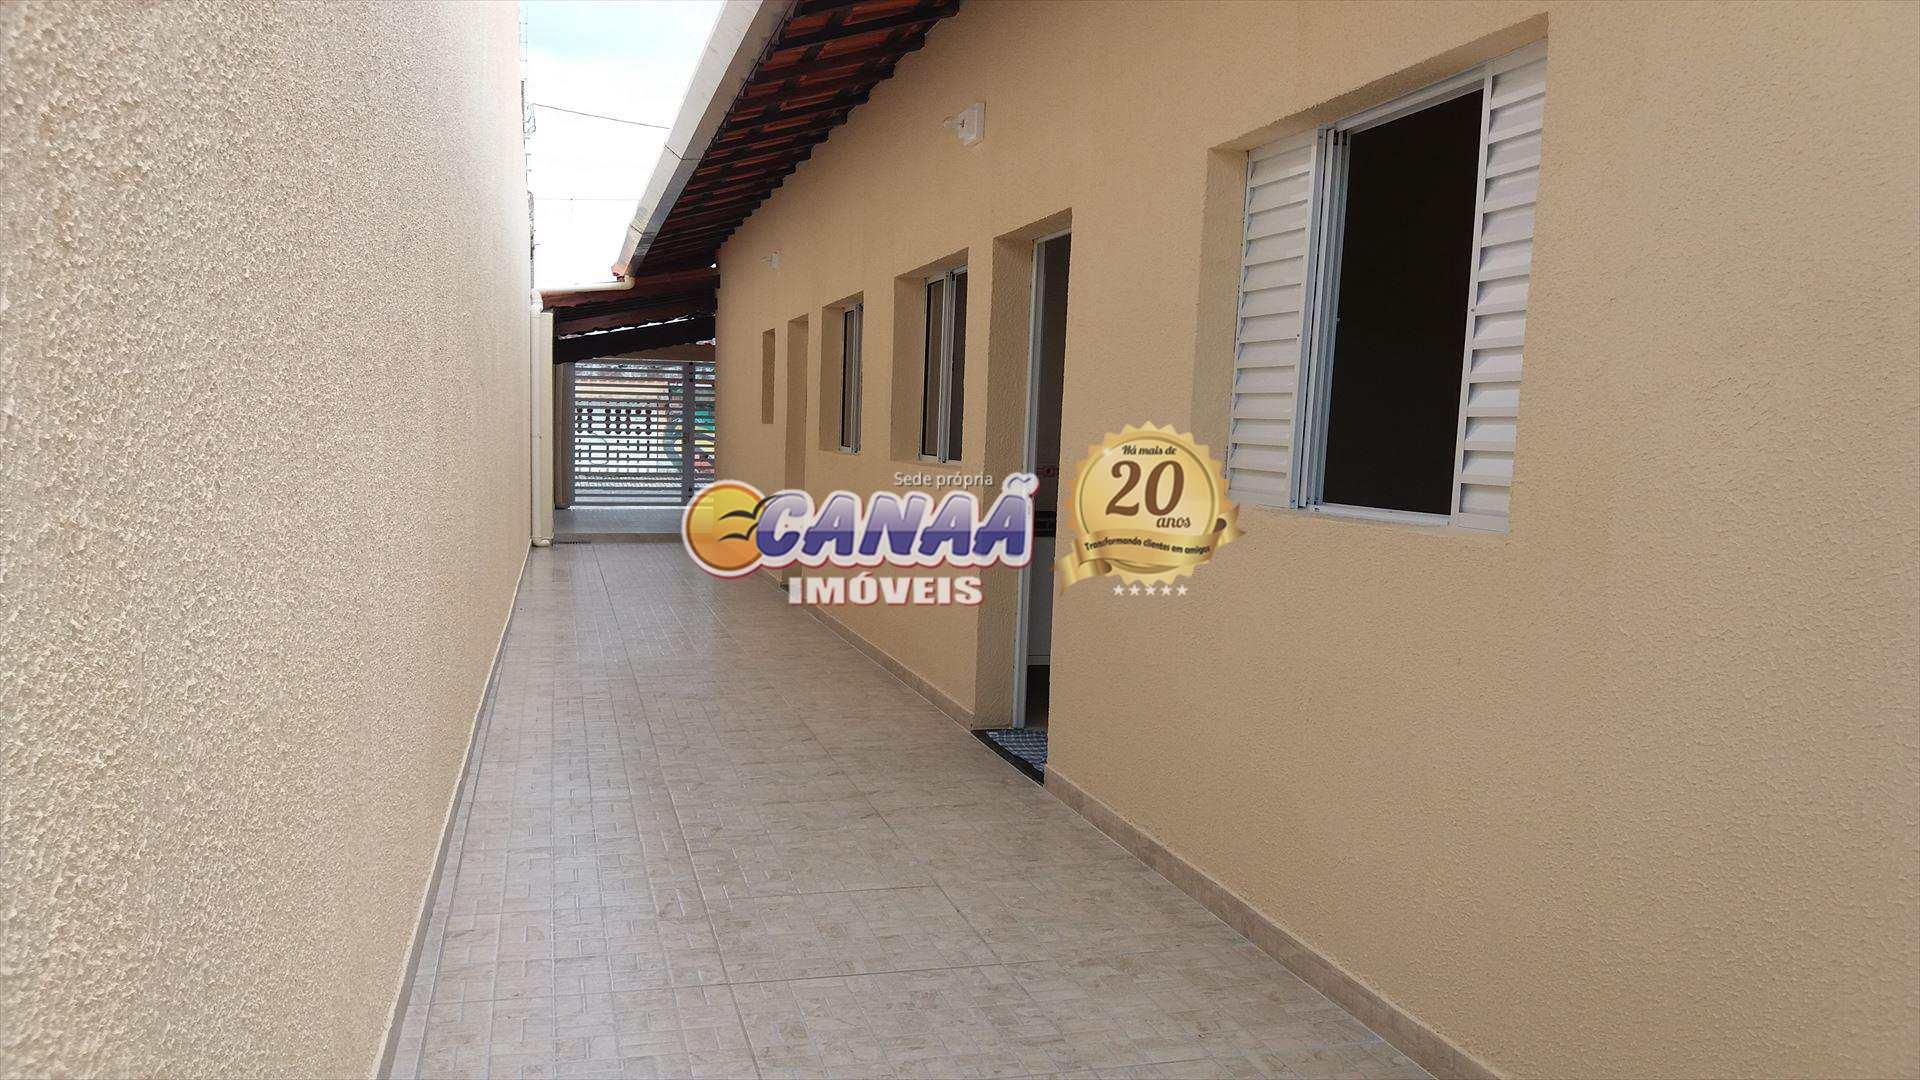 Casa com 2 dormitórios em Mongaguá - R$ 240 mil, Cod: 6688